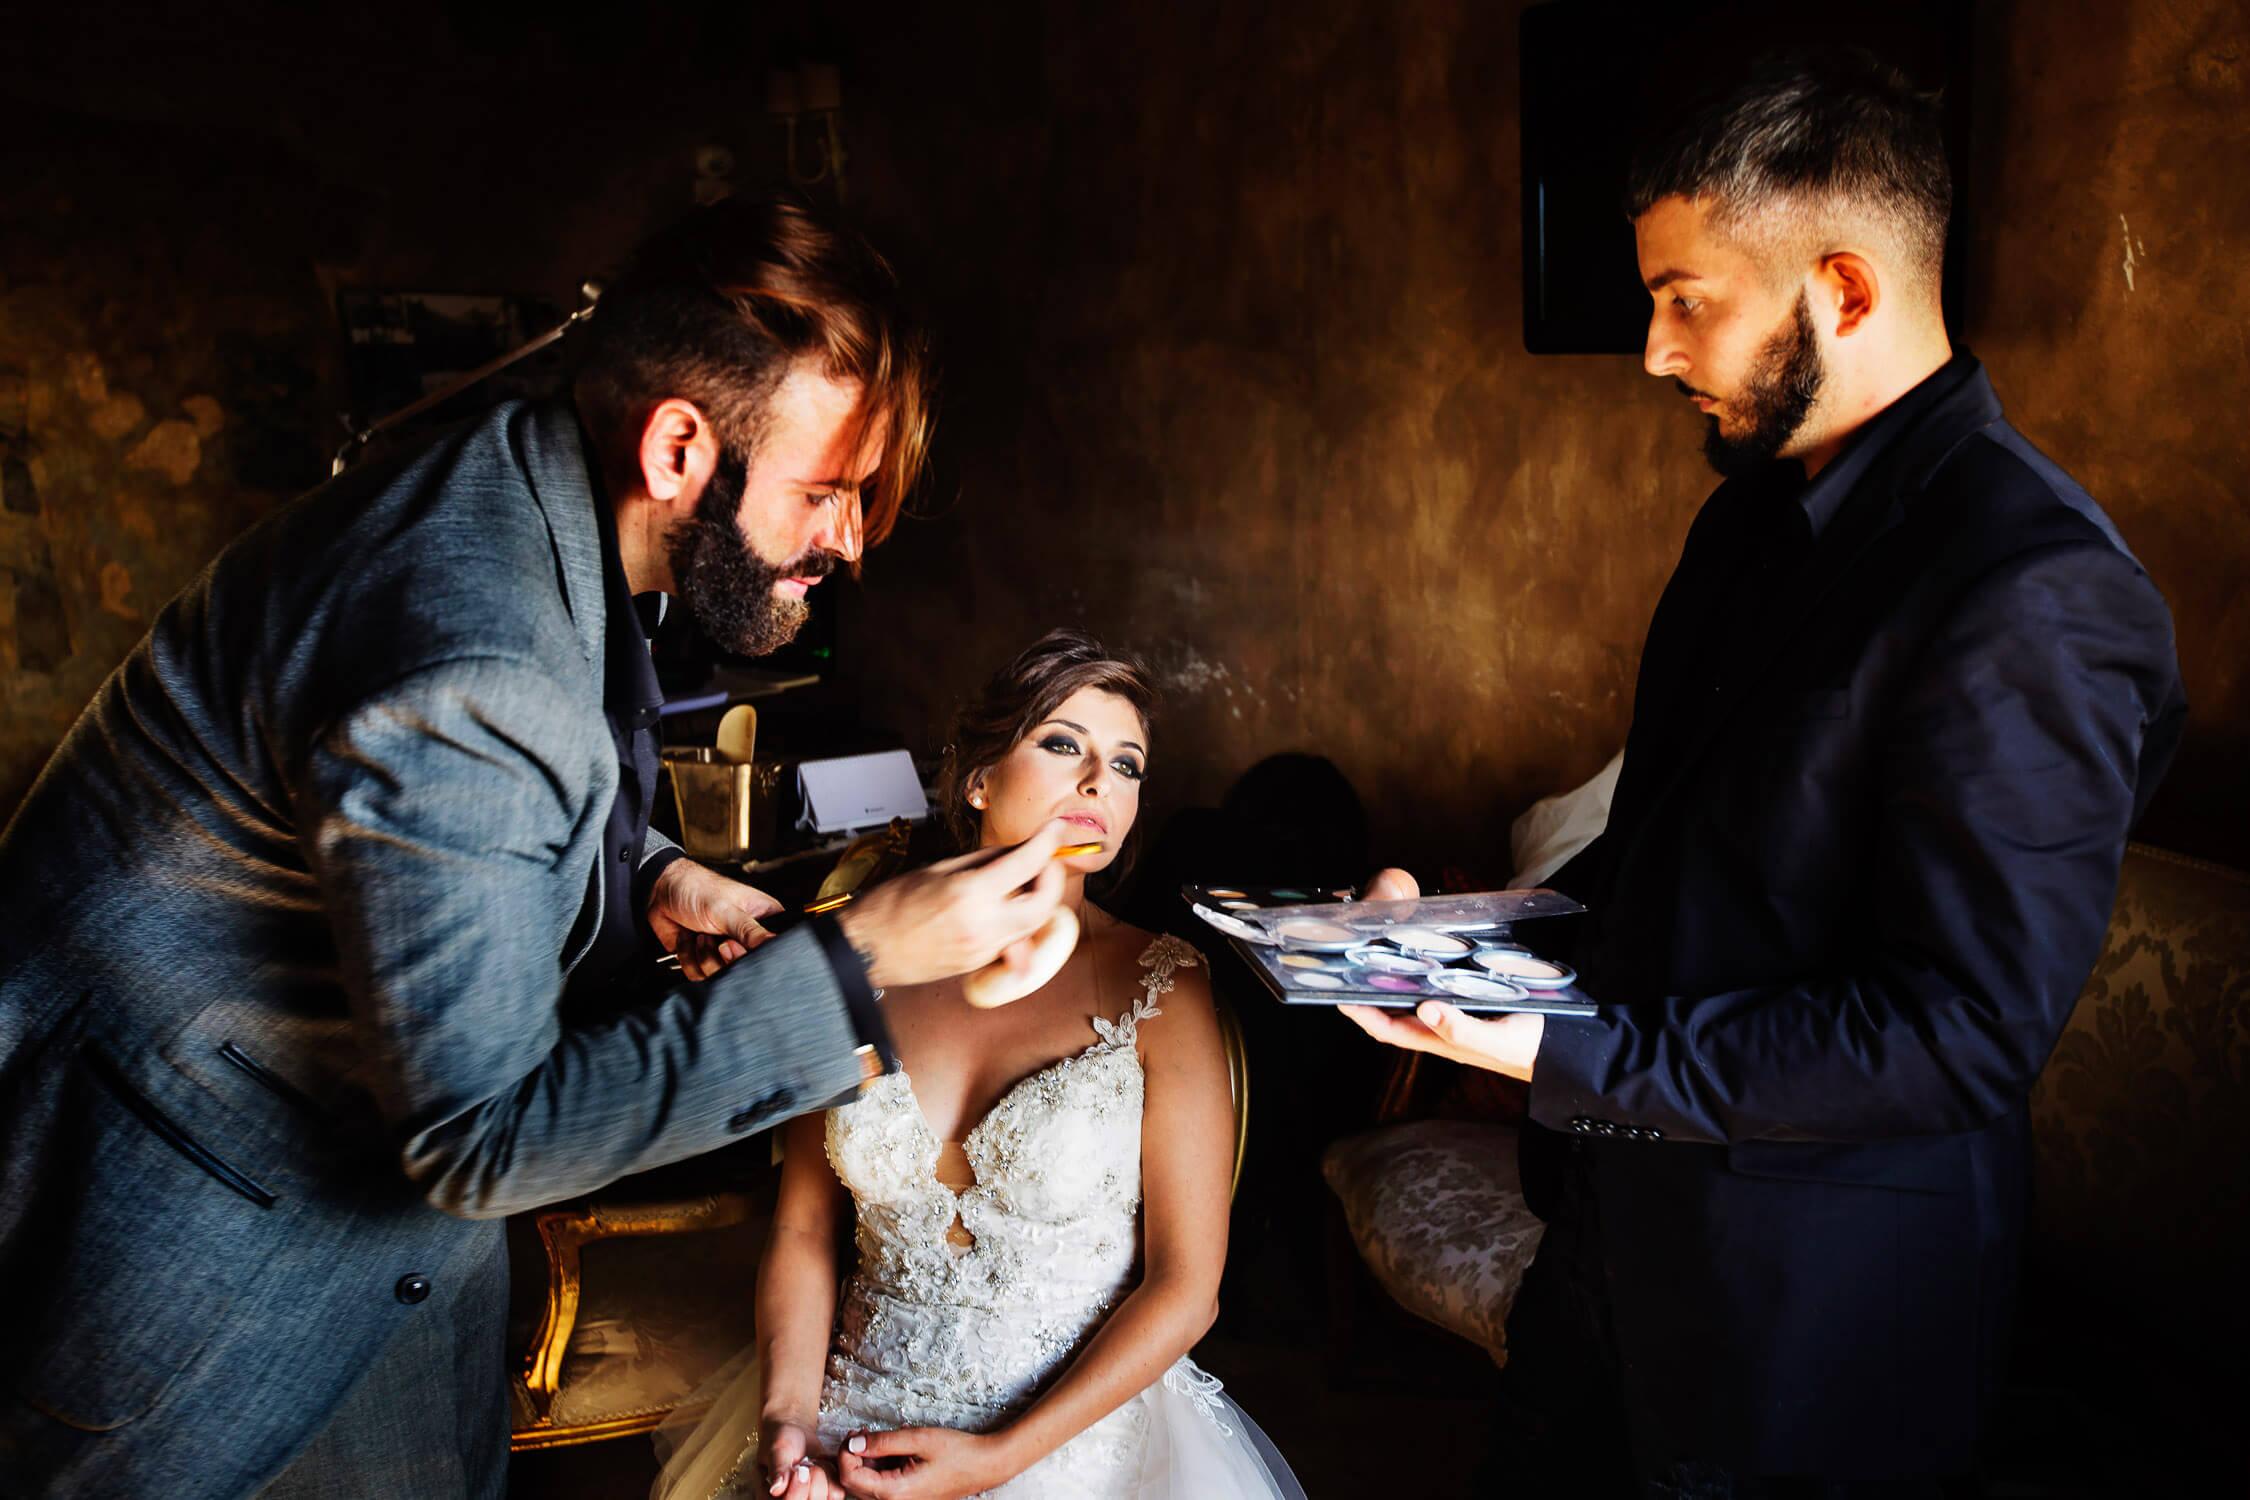 Servizio fotografico per matrimonio al Castello di Chiaramonte a Siculiana fotografato da Nino Lombardo, Fotografo matrimoni Sicilia